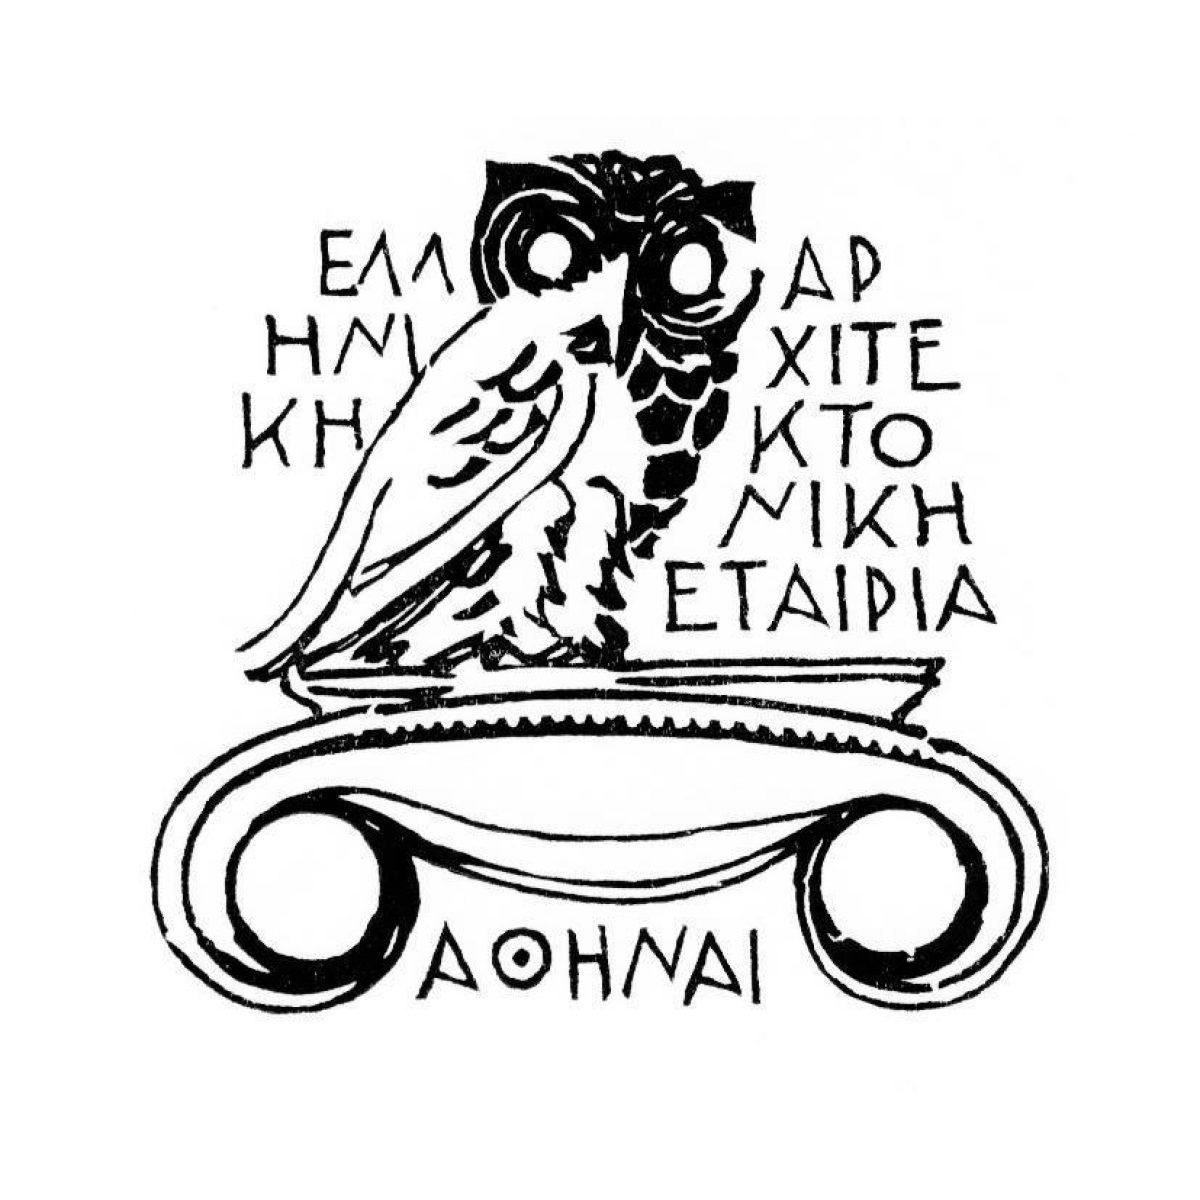 6η Εκδήλωση της Ελληνικής Αρχιτεκτονικής Εταιρείας Κύκλου 2017 – 18. «2017 – 2018 : Δημόσιος Διάλογος με τα μέλη και τους φίλους της ΕΑΕ για τον 1ο χρόνο της θητείας του ΔΣ»